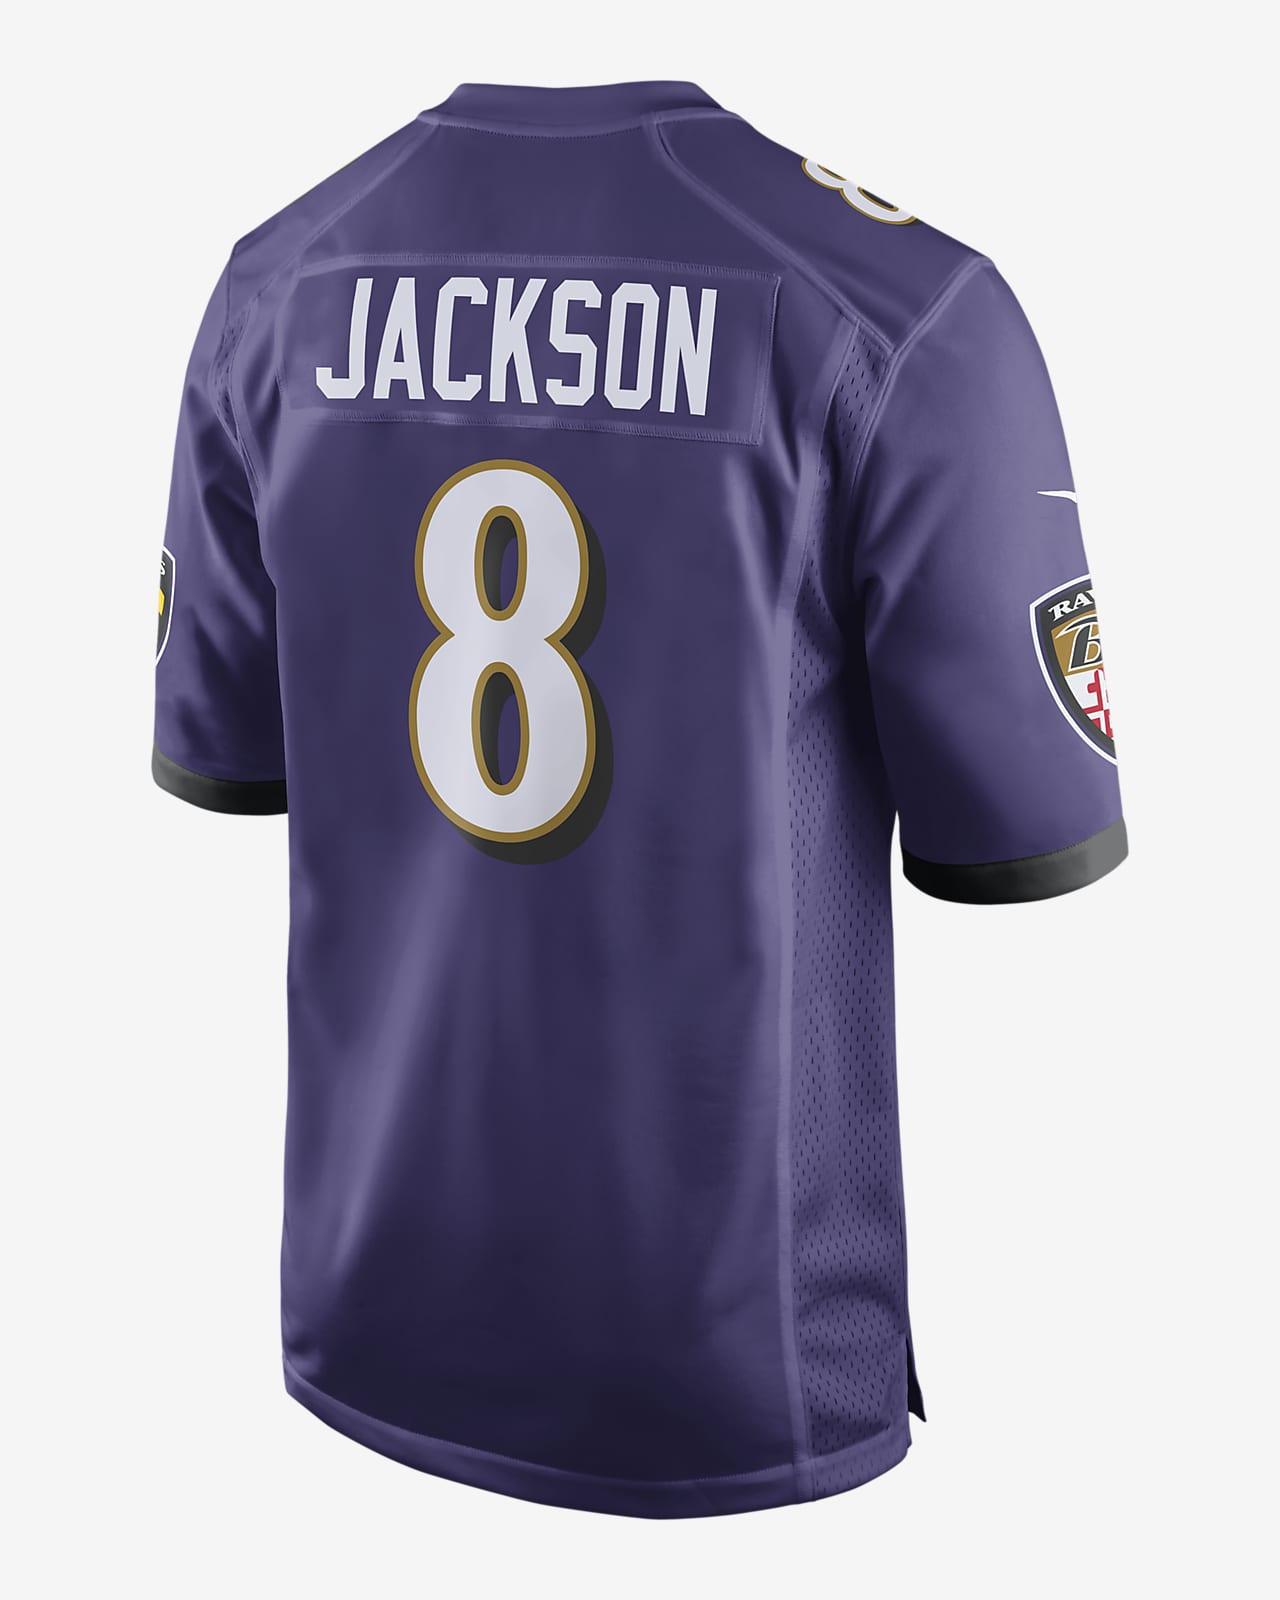 NFL Baltimore Ravens (Lamar Jackson) Men's Game Football Jersey